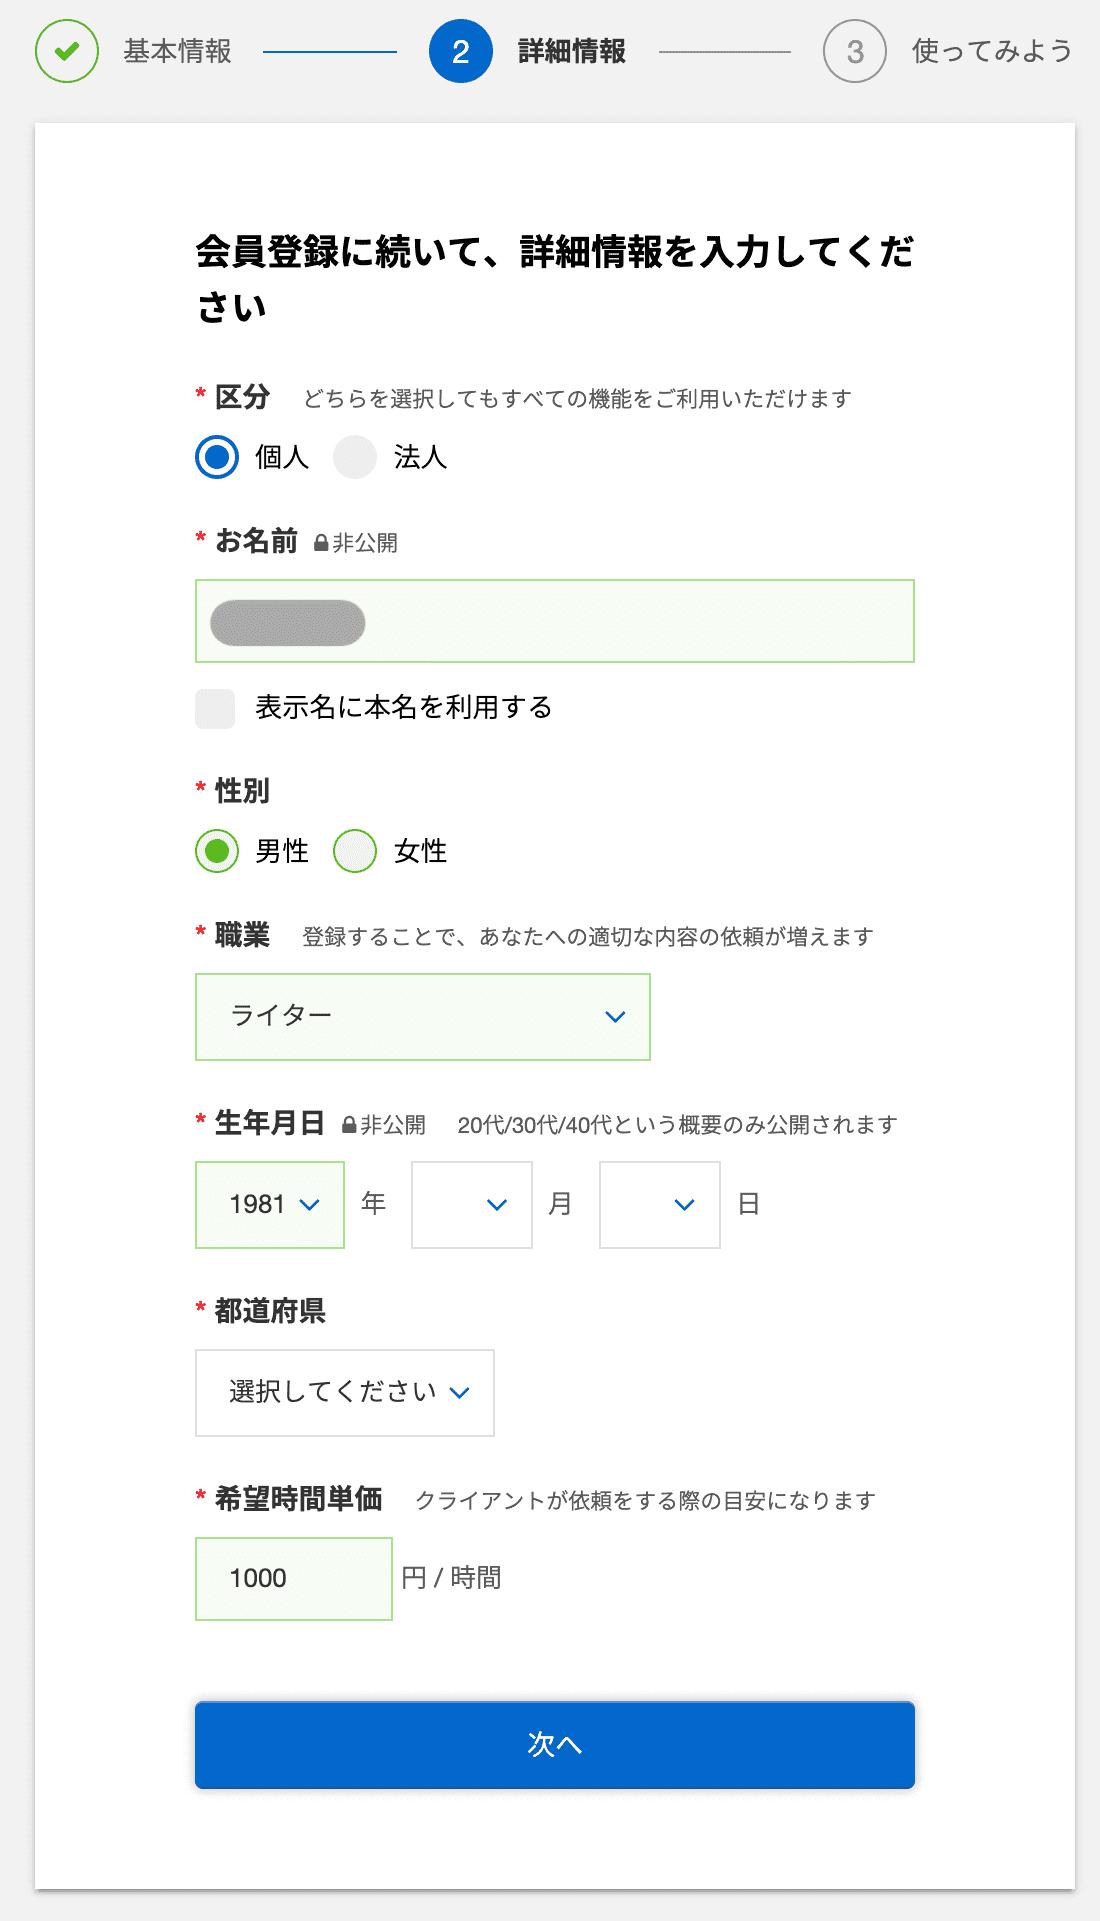 ランサーズ登録5